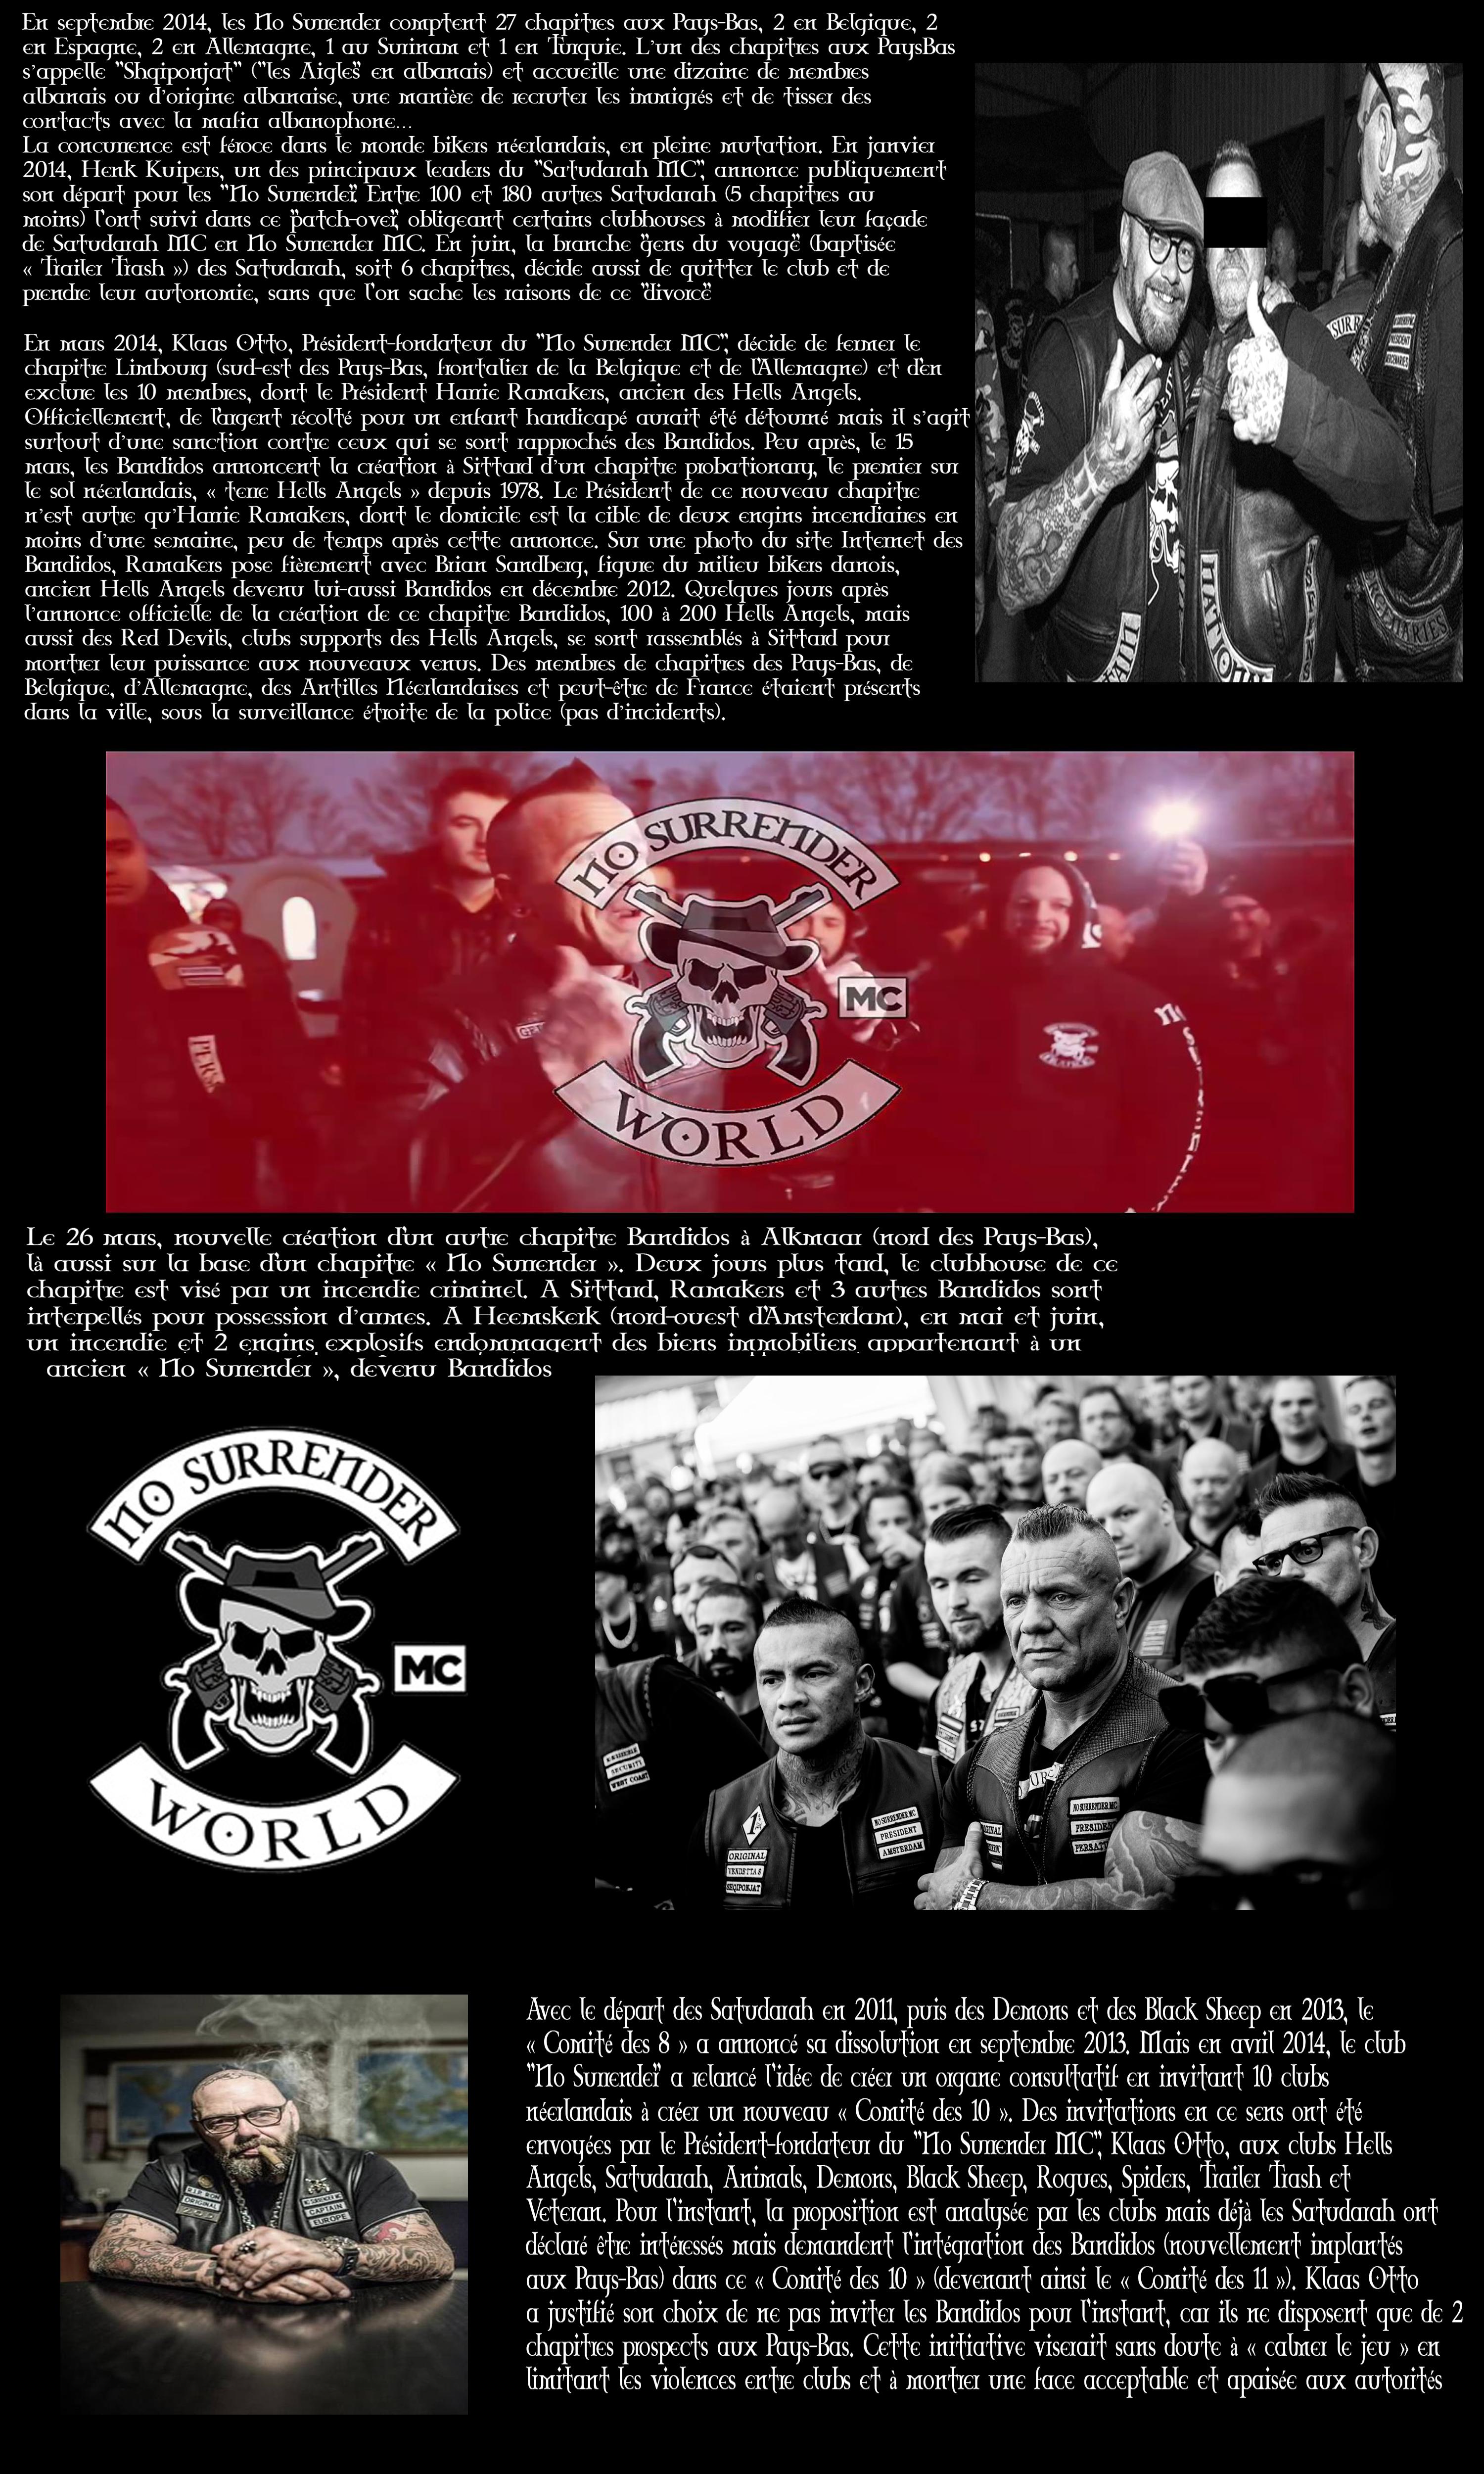 No Surrender Motorcycle Club 210102115203567573